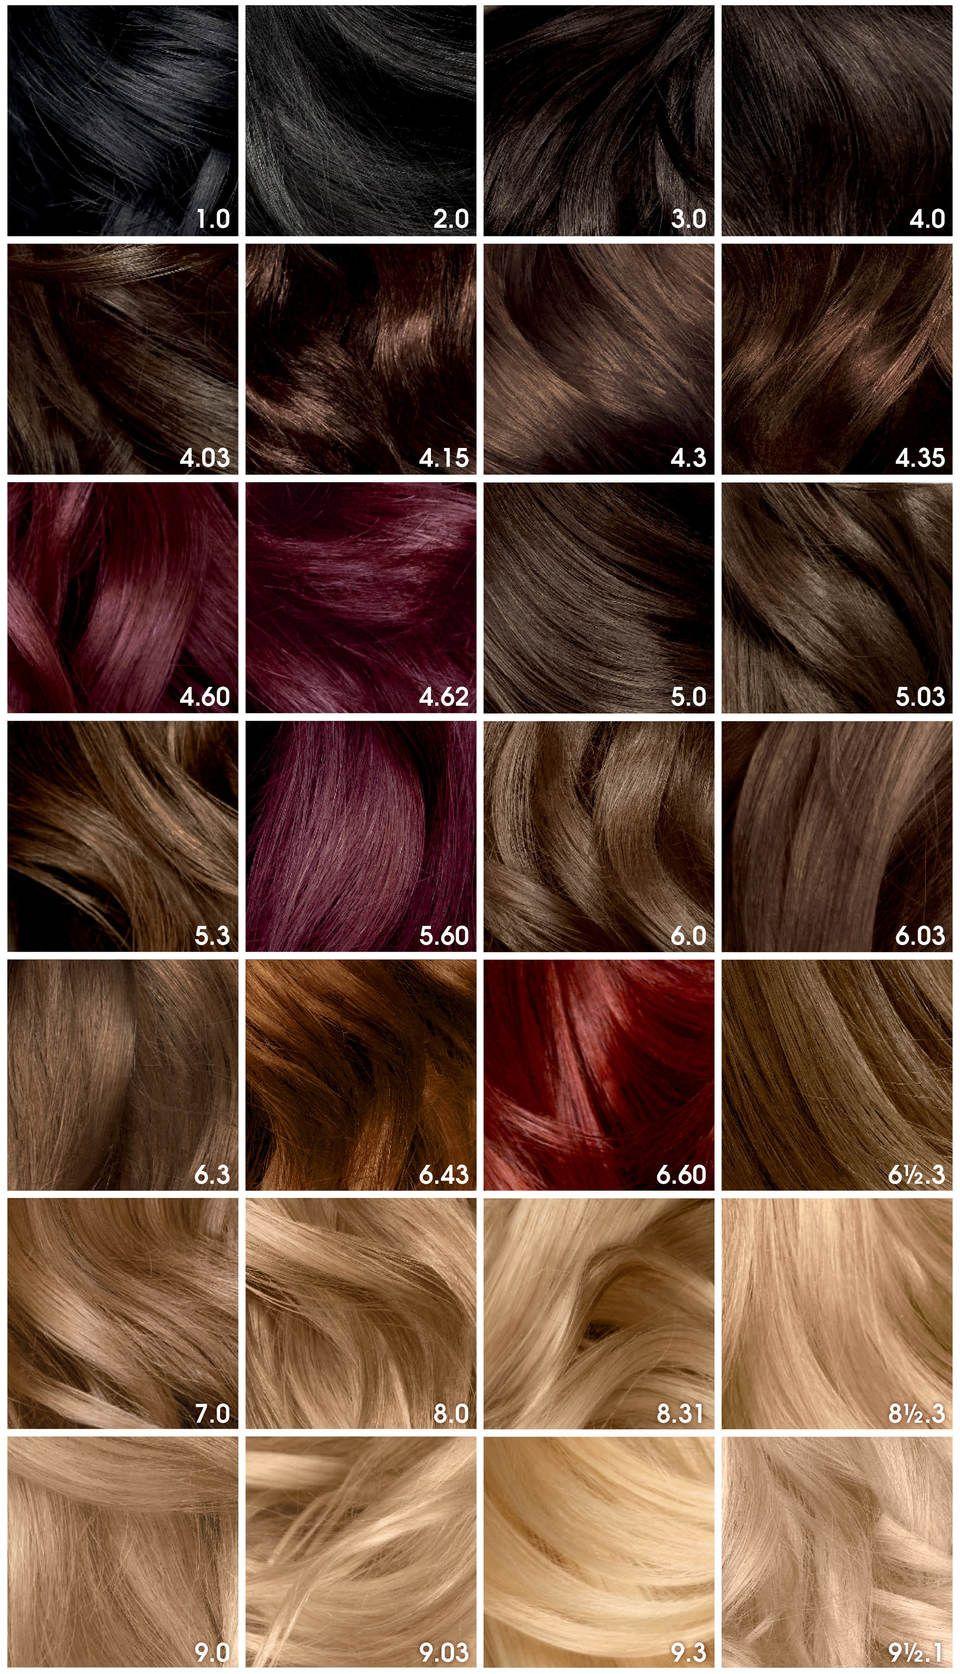 Olia 9 1 2 1 Lightest Cool Blonde 1 Application Nuancier Cheveux Nuancier Couleur Cheveux Cartes De Couleurpour Les Cheveux